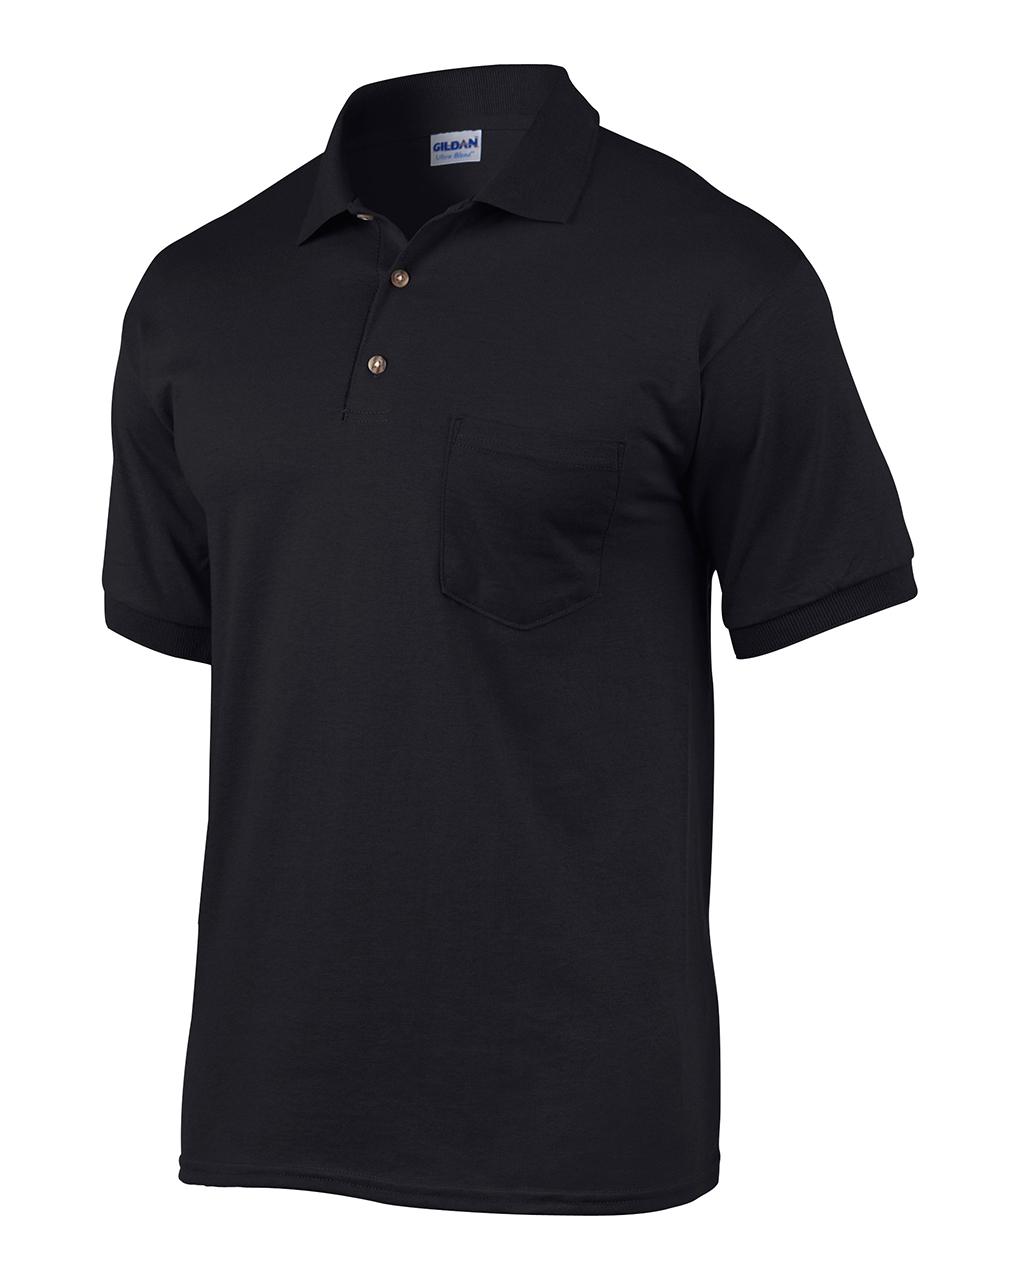 Picture of Gildan Ultra Blend 50/50 Pocketed Jersey Sport Shirt